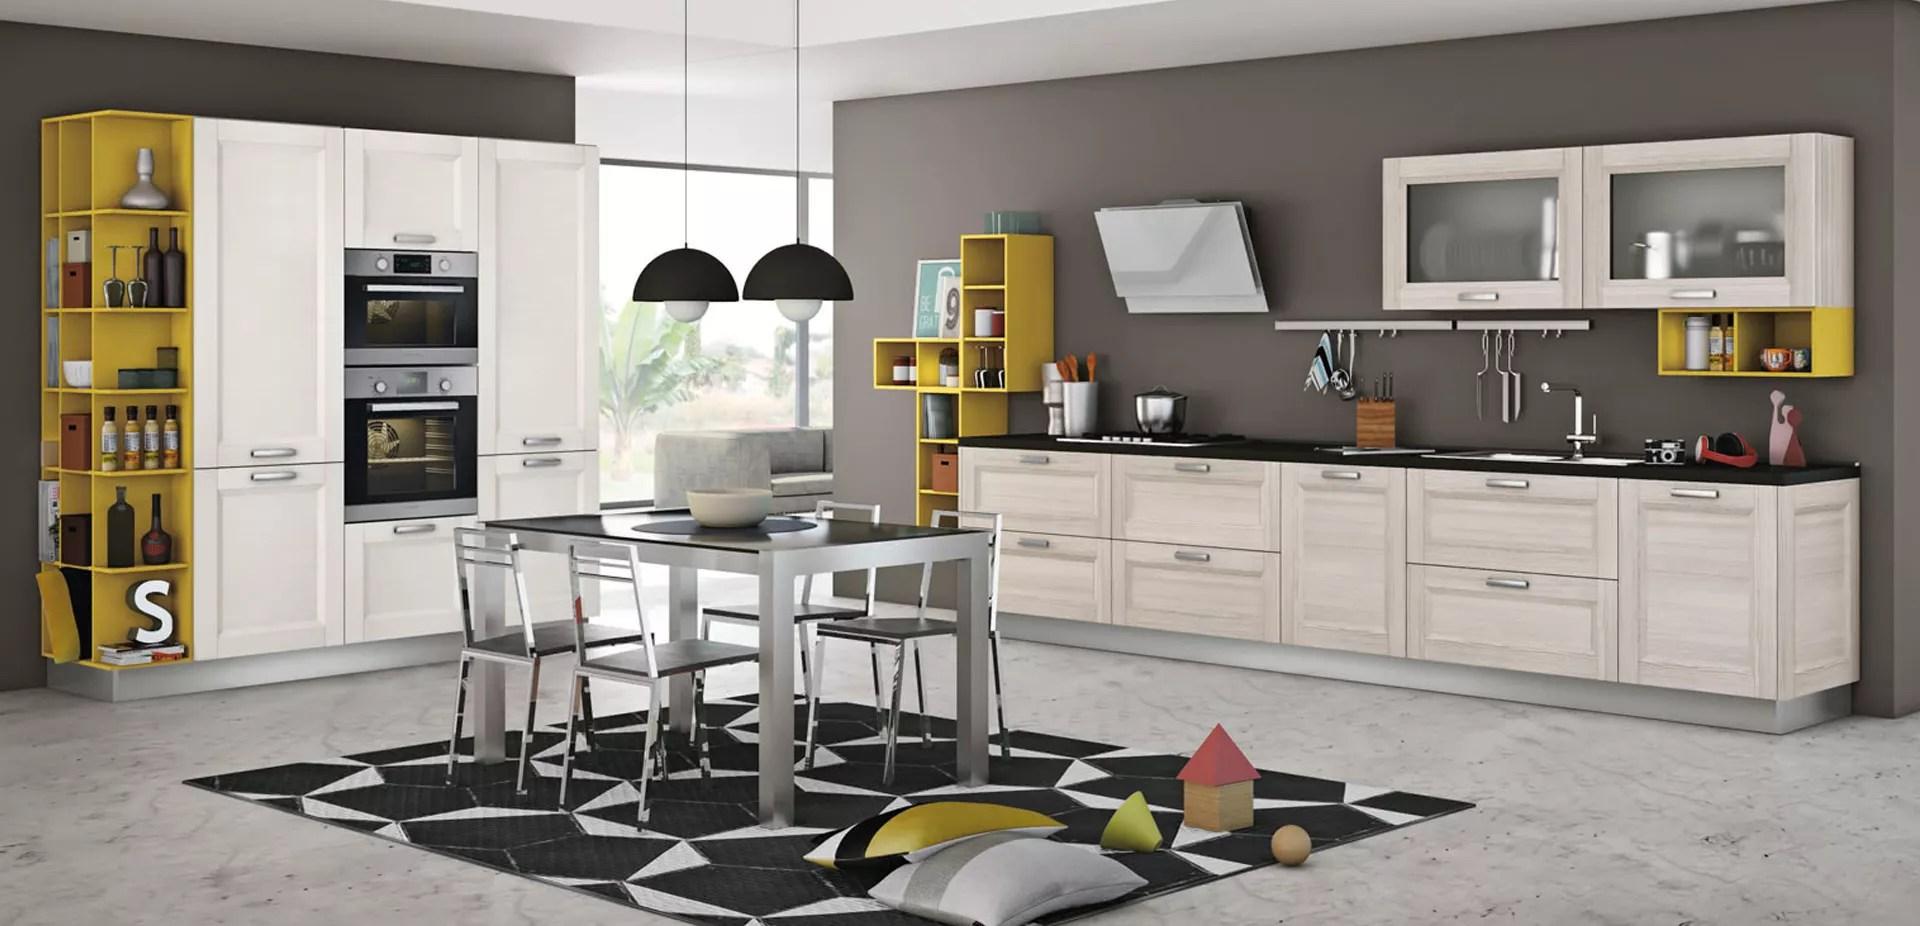 Quando usare le pitture lavabili. Colori Cucina Rustica 5 Tocchi Per Ottenere Un Look Moderno Creo Store Milano Showroom Cucine Creo Kitchens A Milano